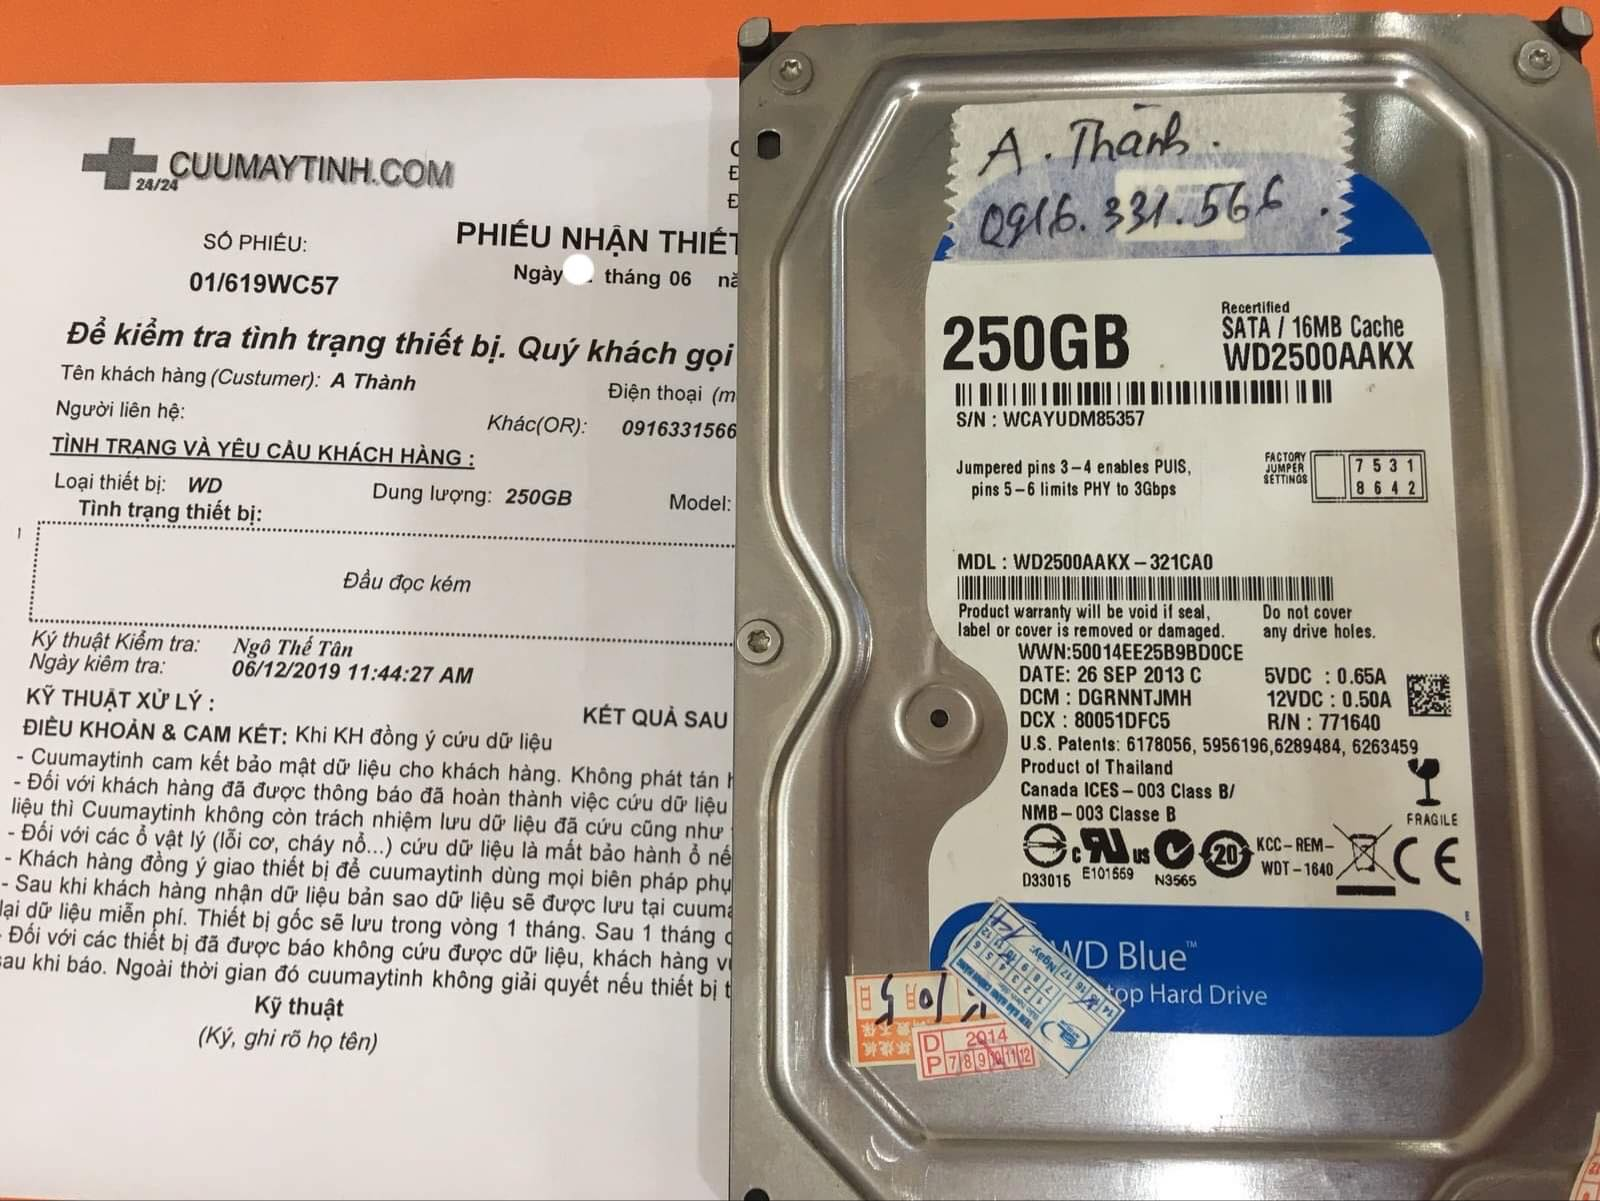 Phục hồi dữ liệu ổ cứng Western 250GB đầu đọc kém 19/06/2019 - cuumaytinh